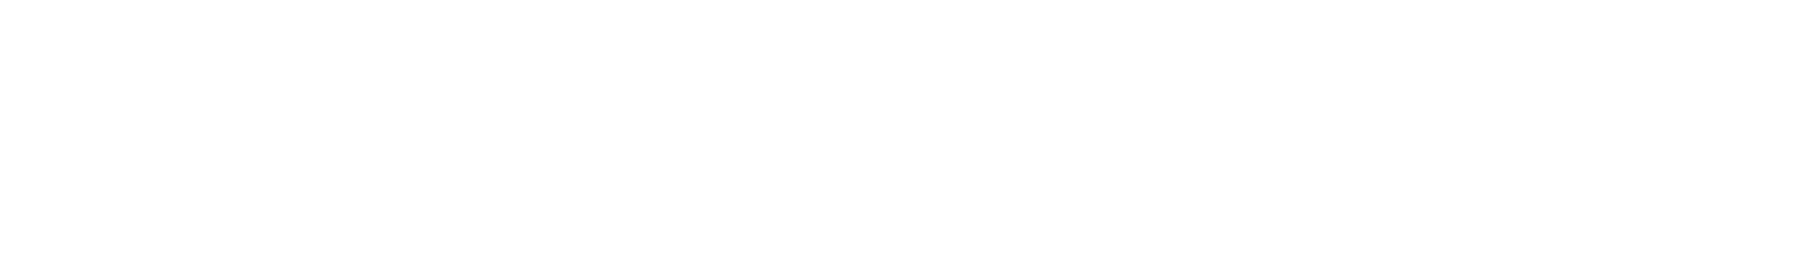 vaporwave 26 stycznia